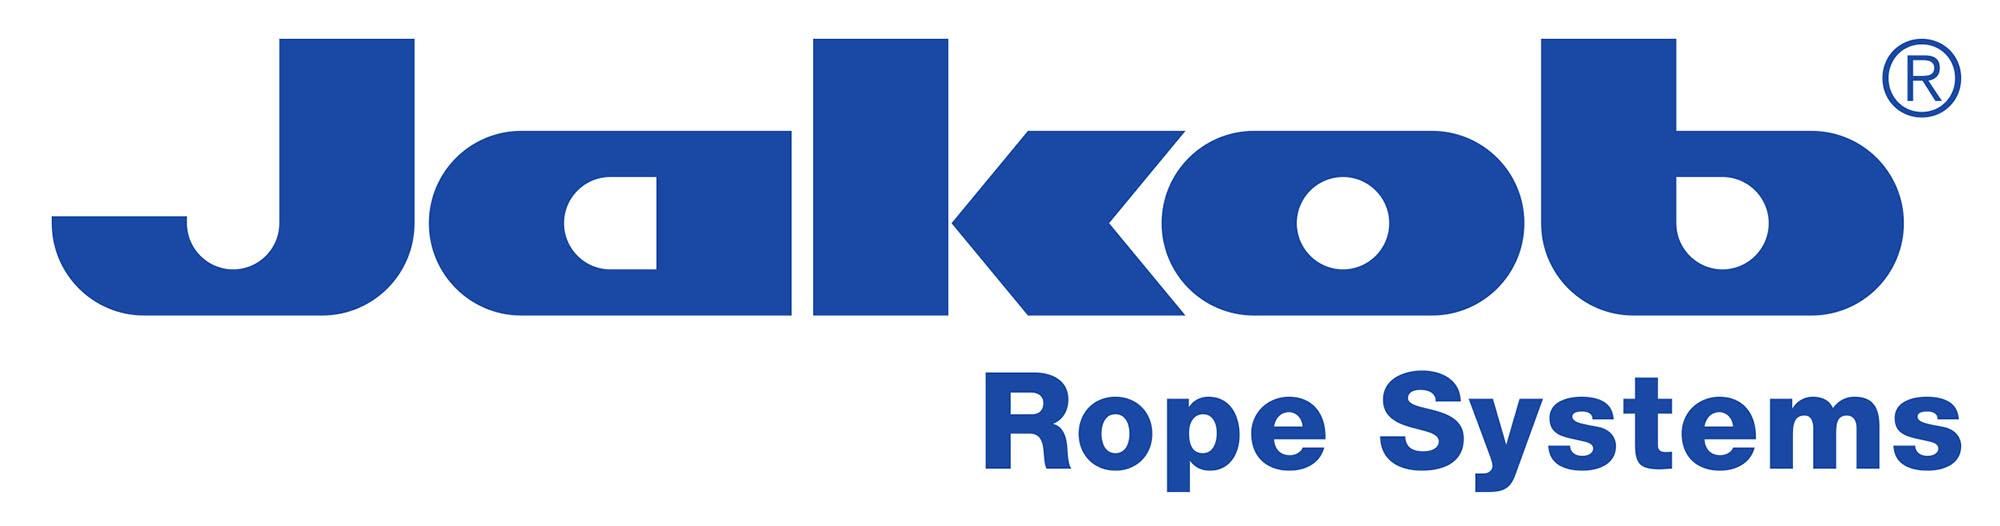 Jakob Rope Systems (Jakob AG)